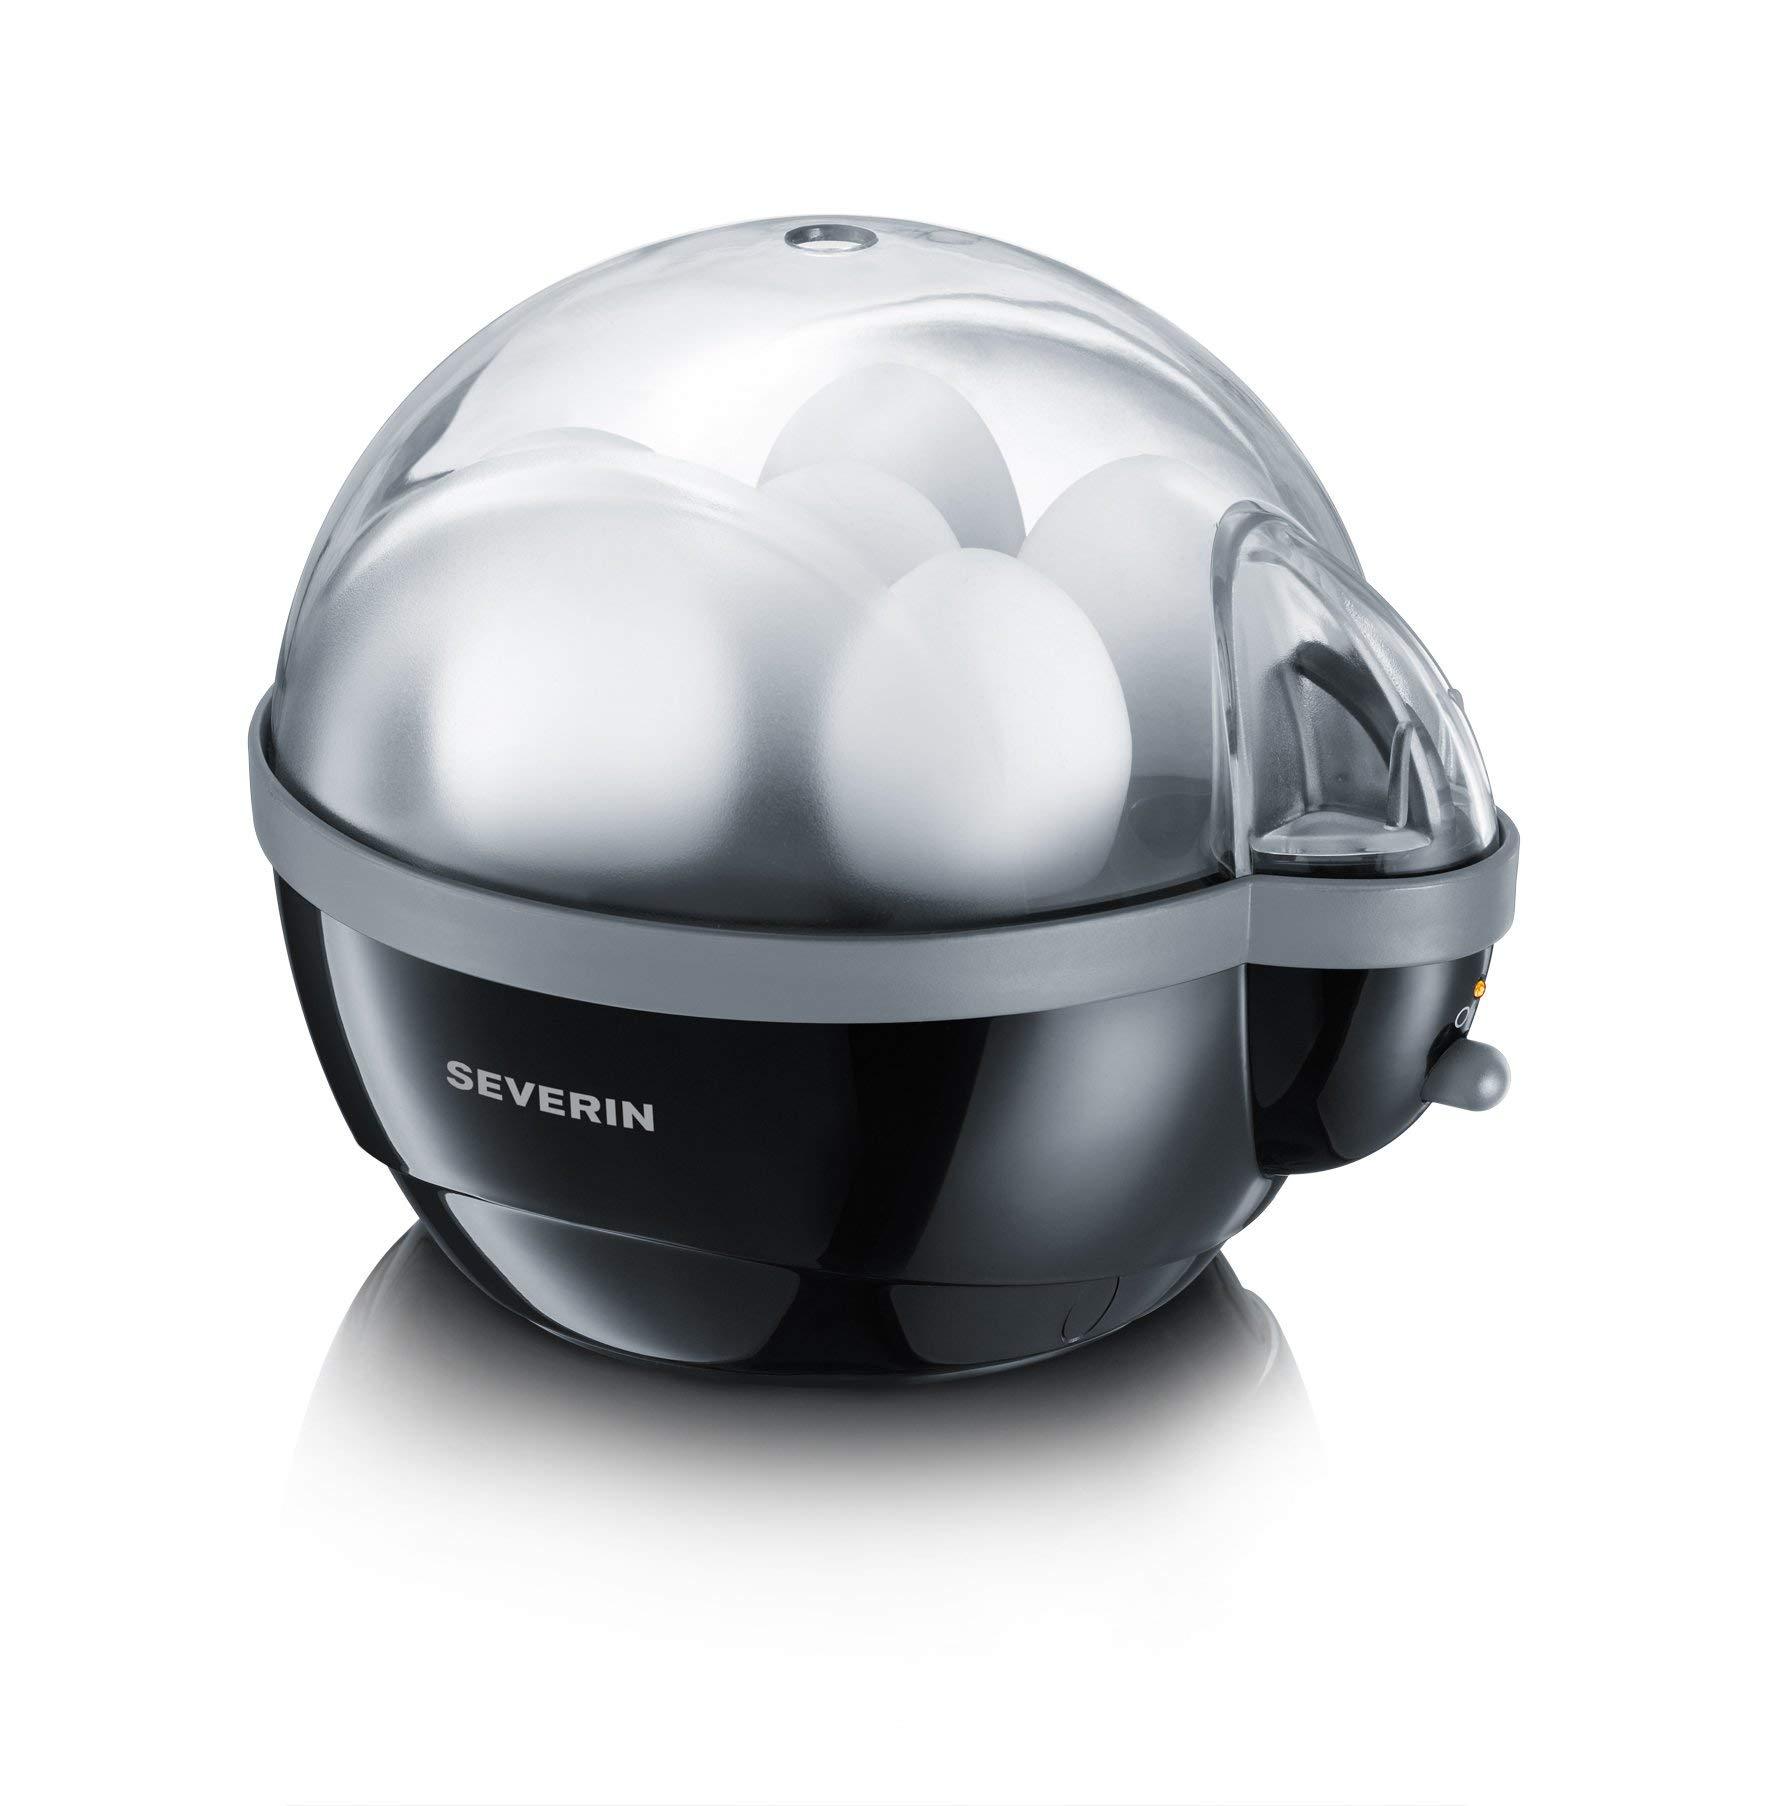 61hVo 5k7vL - Severin Egg Boiler with 400 W of Power EK 3056, Plastic, Black-Grey